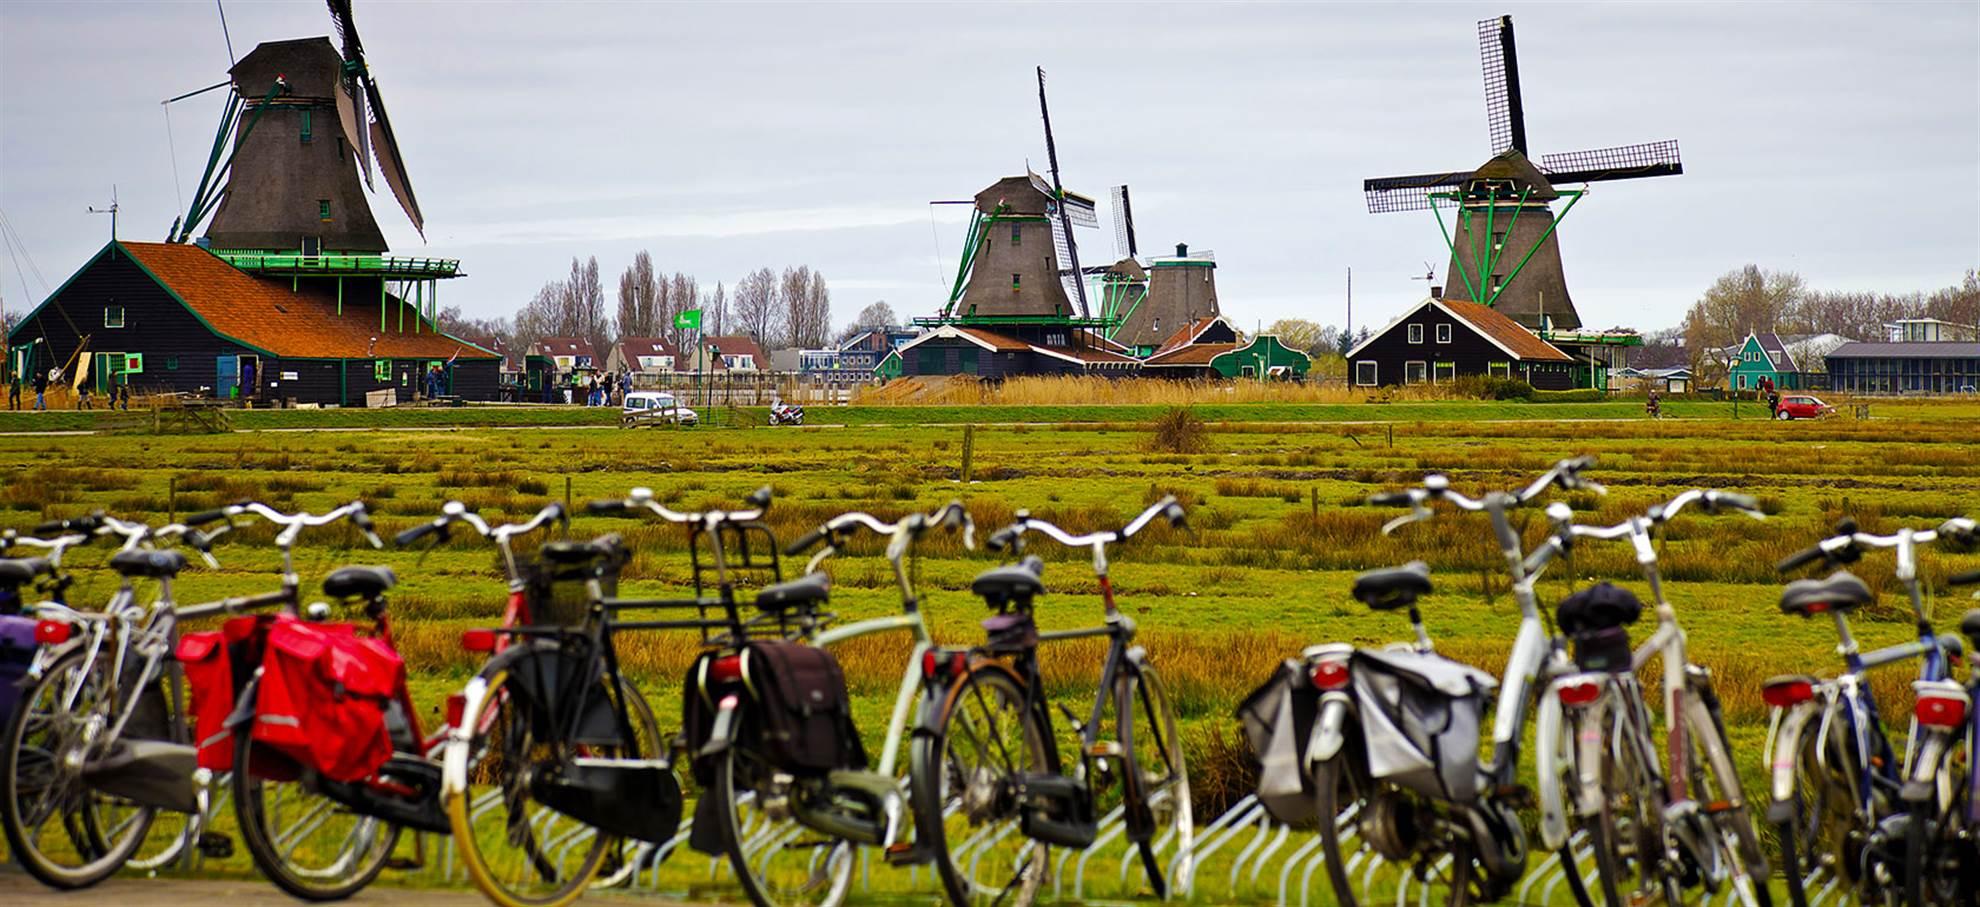 Giro per la campagna olandese